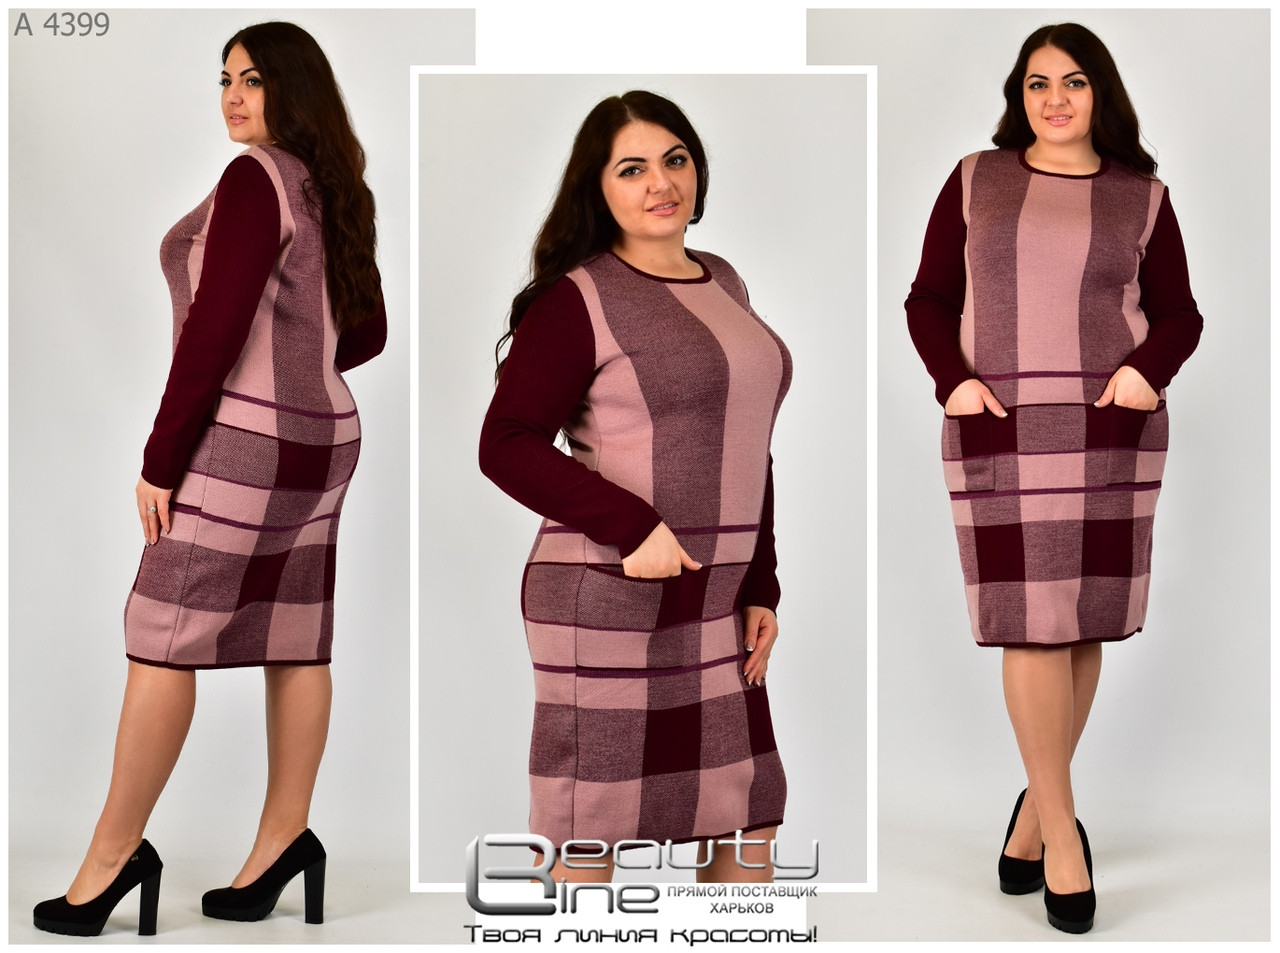 Стильное платье     (размеры 46-56)  0150-42